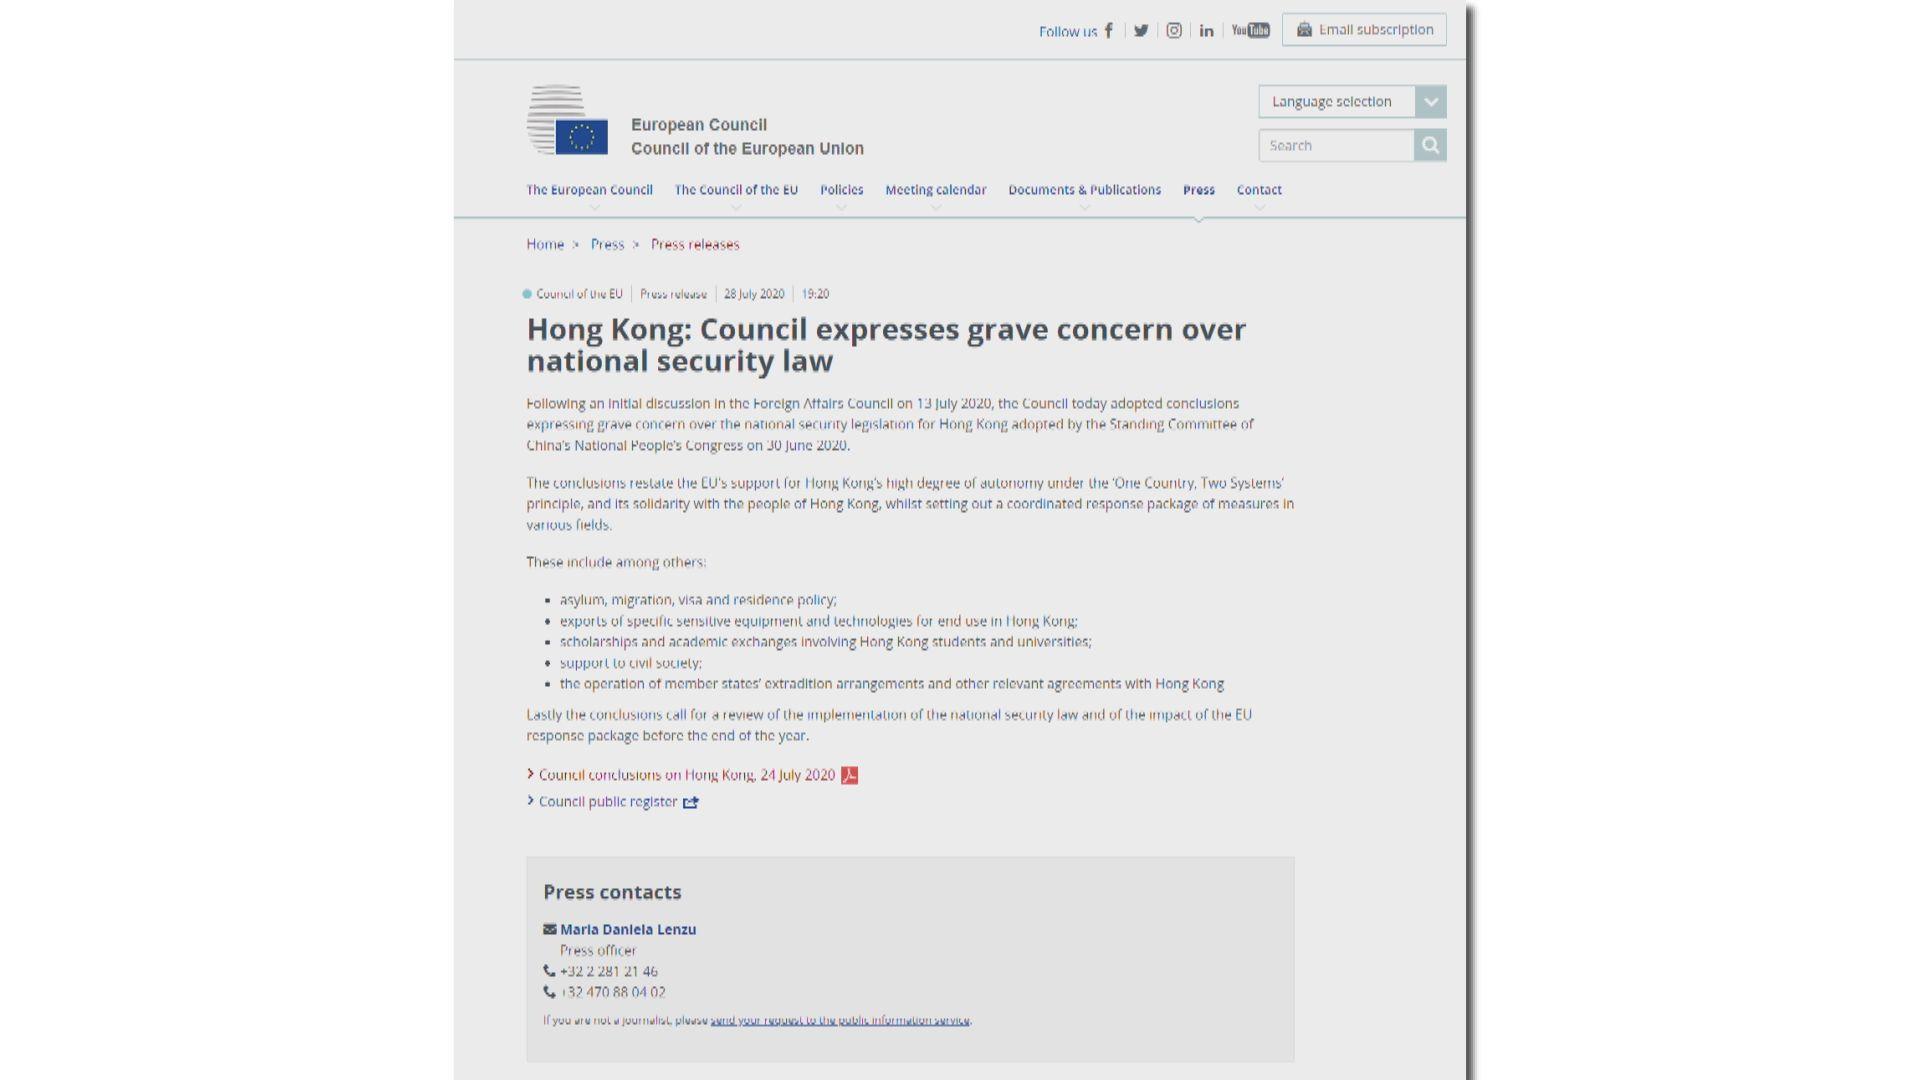 歐盟決定限制對港出口敏感技術